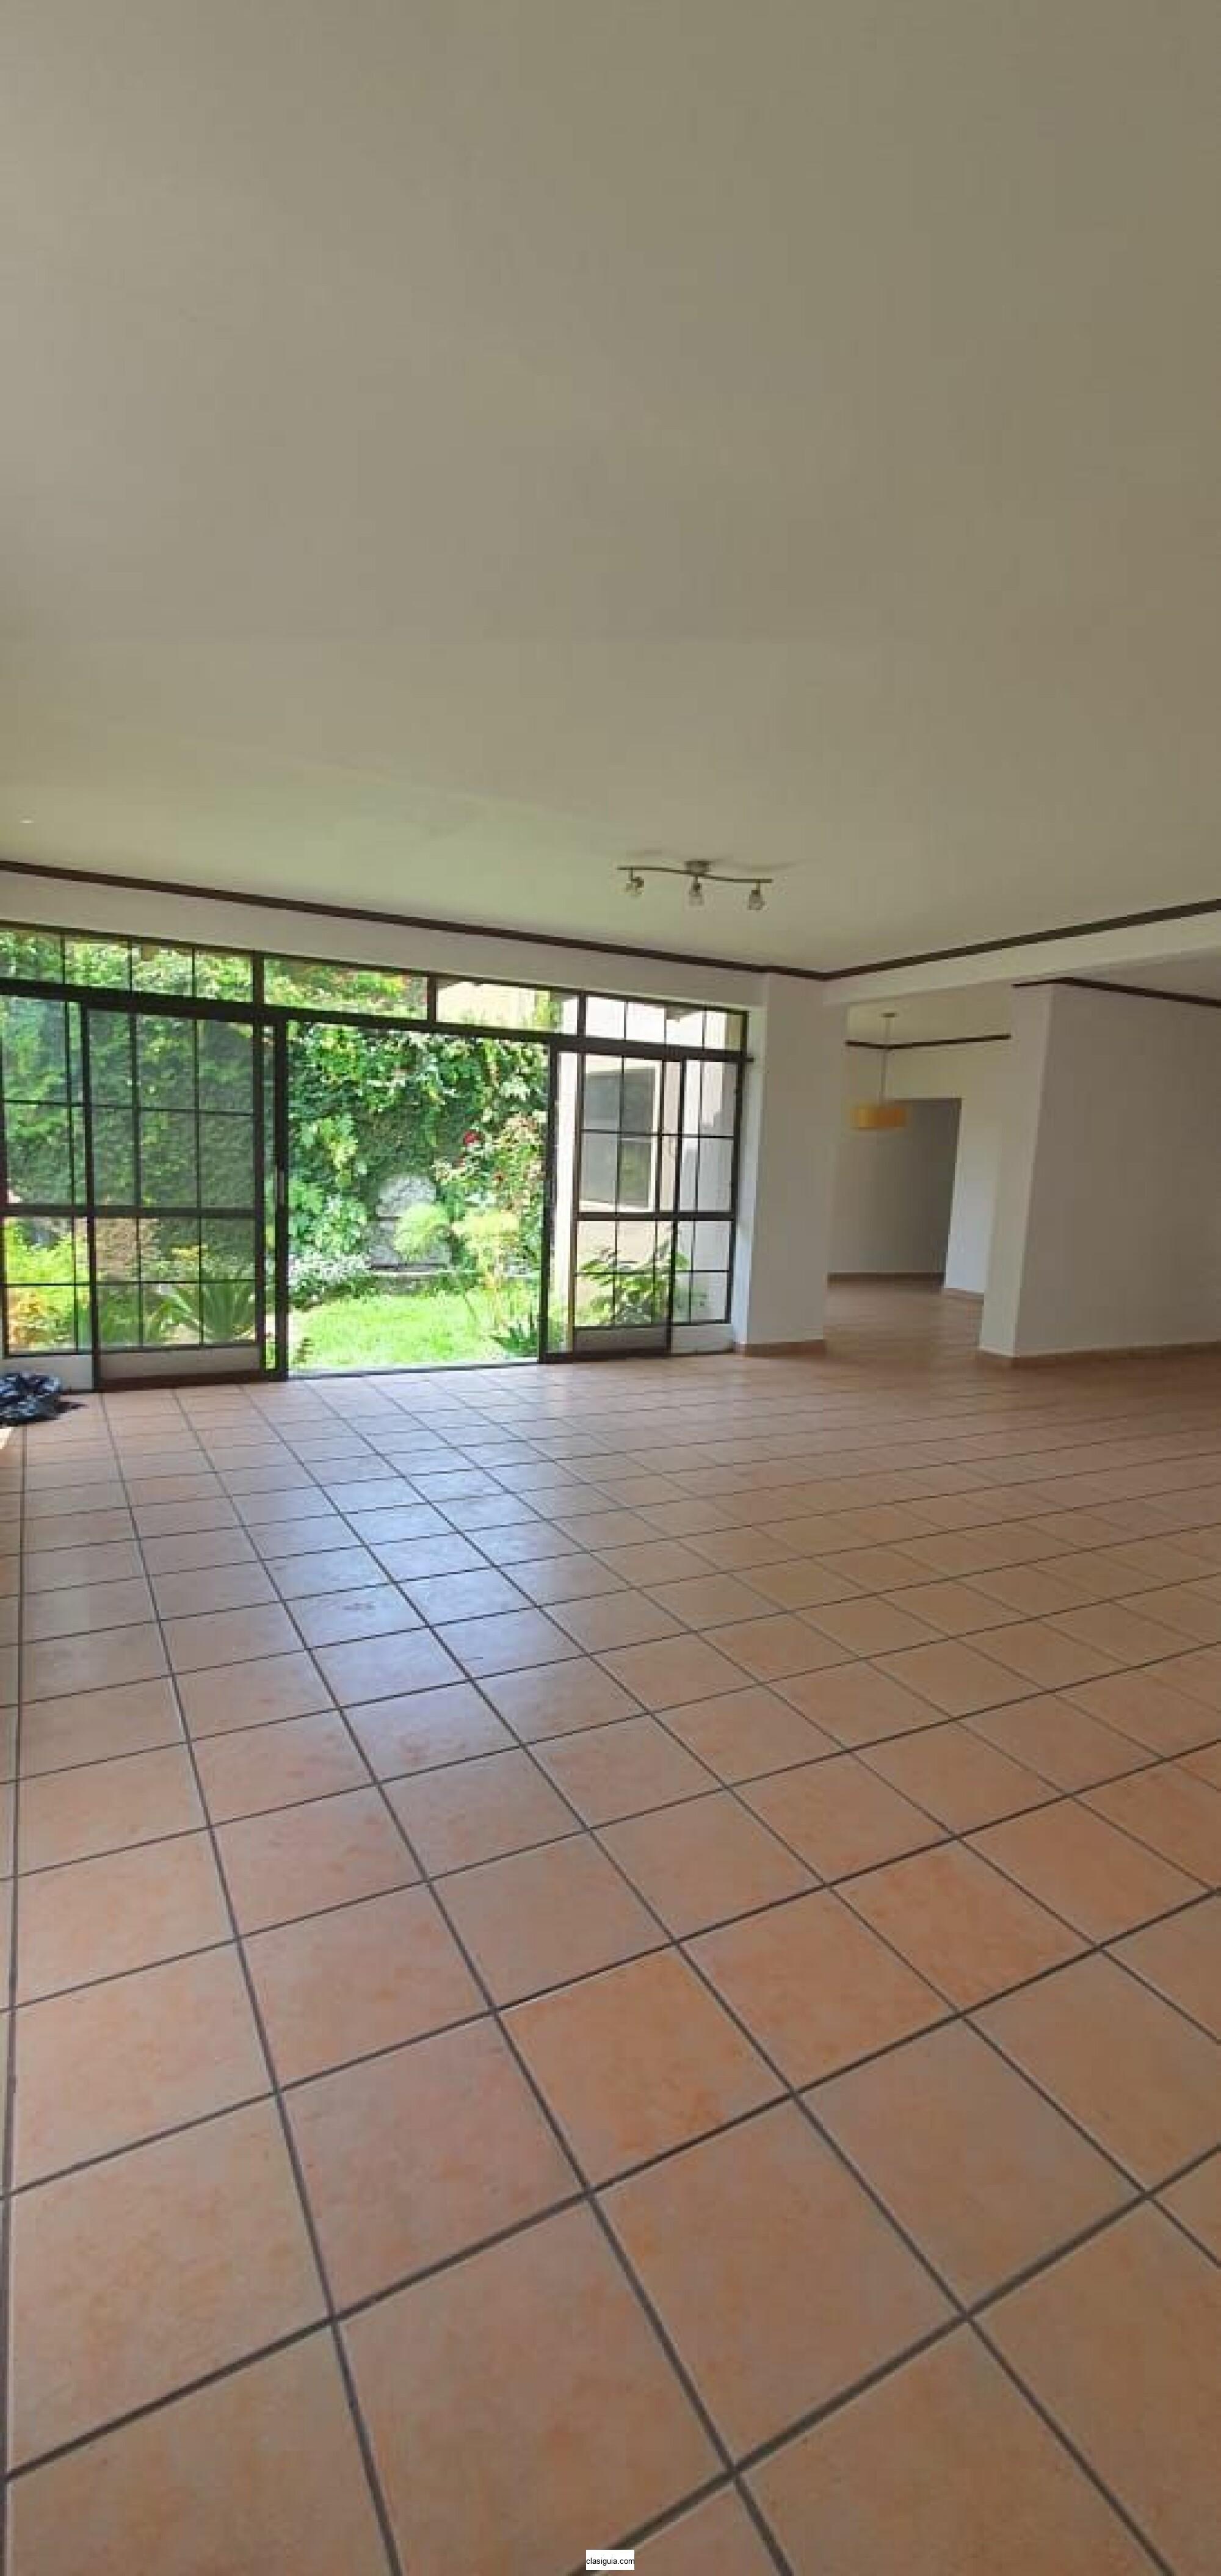 SE VENDE CASA SAN BENITO, PRIVADO, cochera 4 carros, tiene 287 v2 de terreno y 420 mts2 construccion, estudio, 3 habitaciones